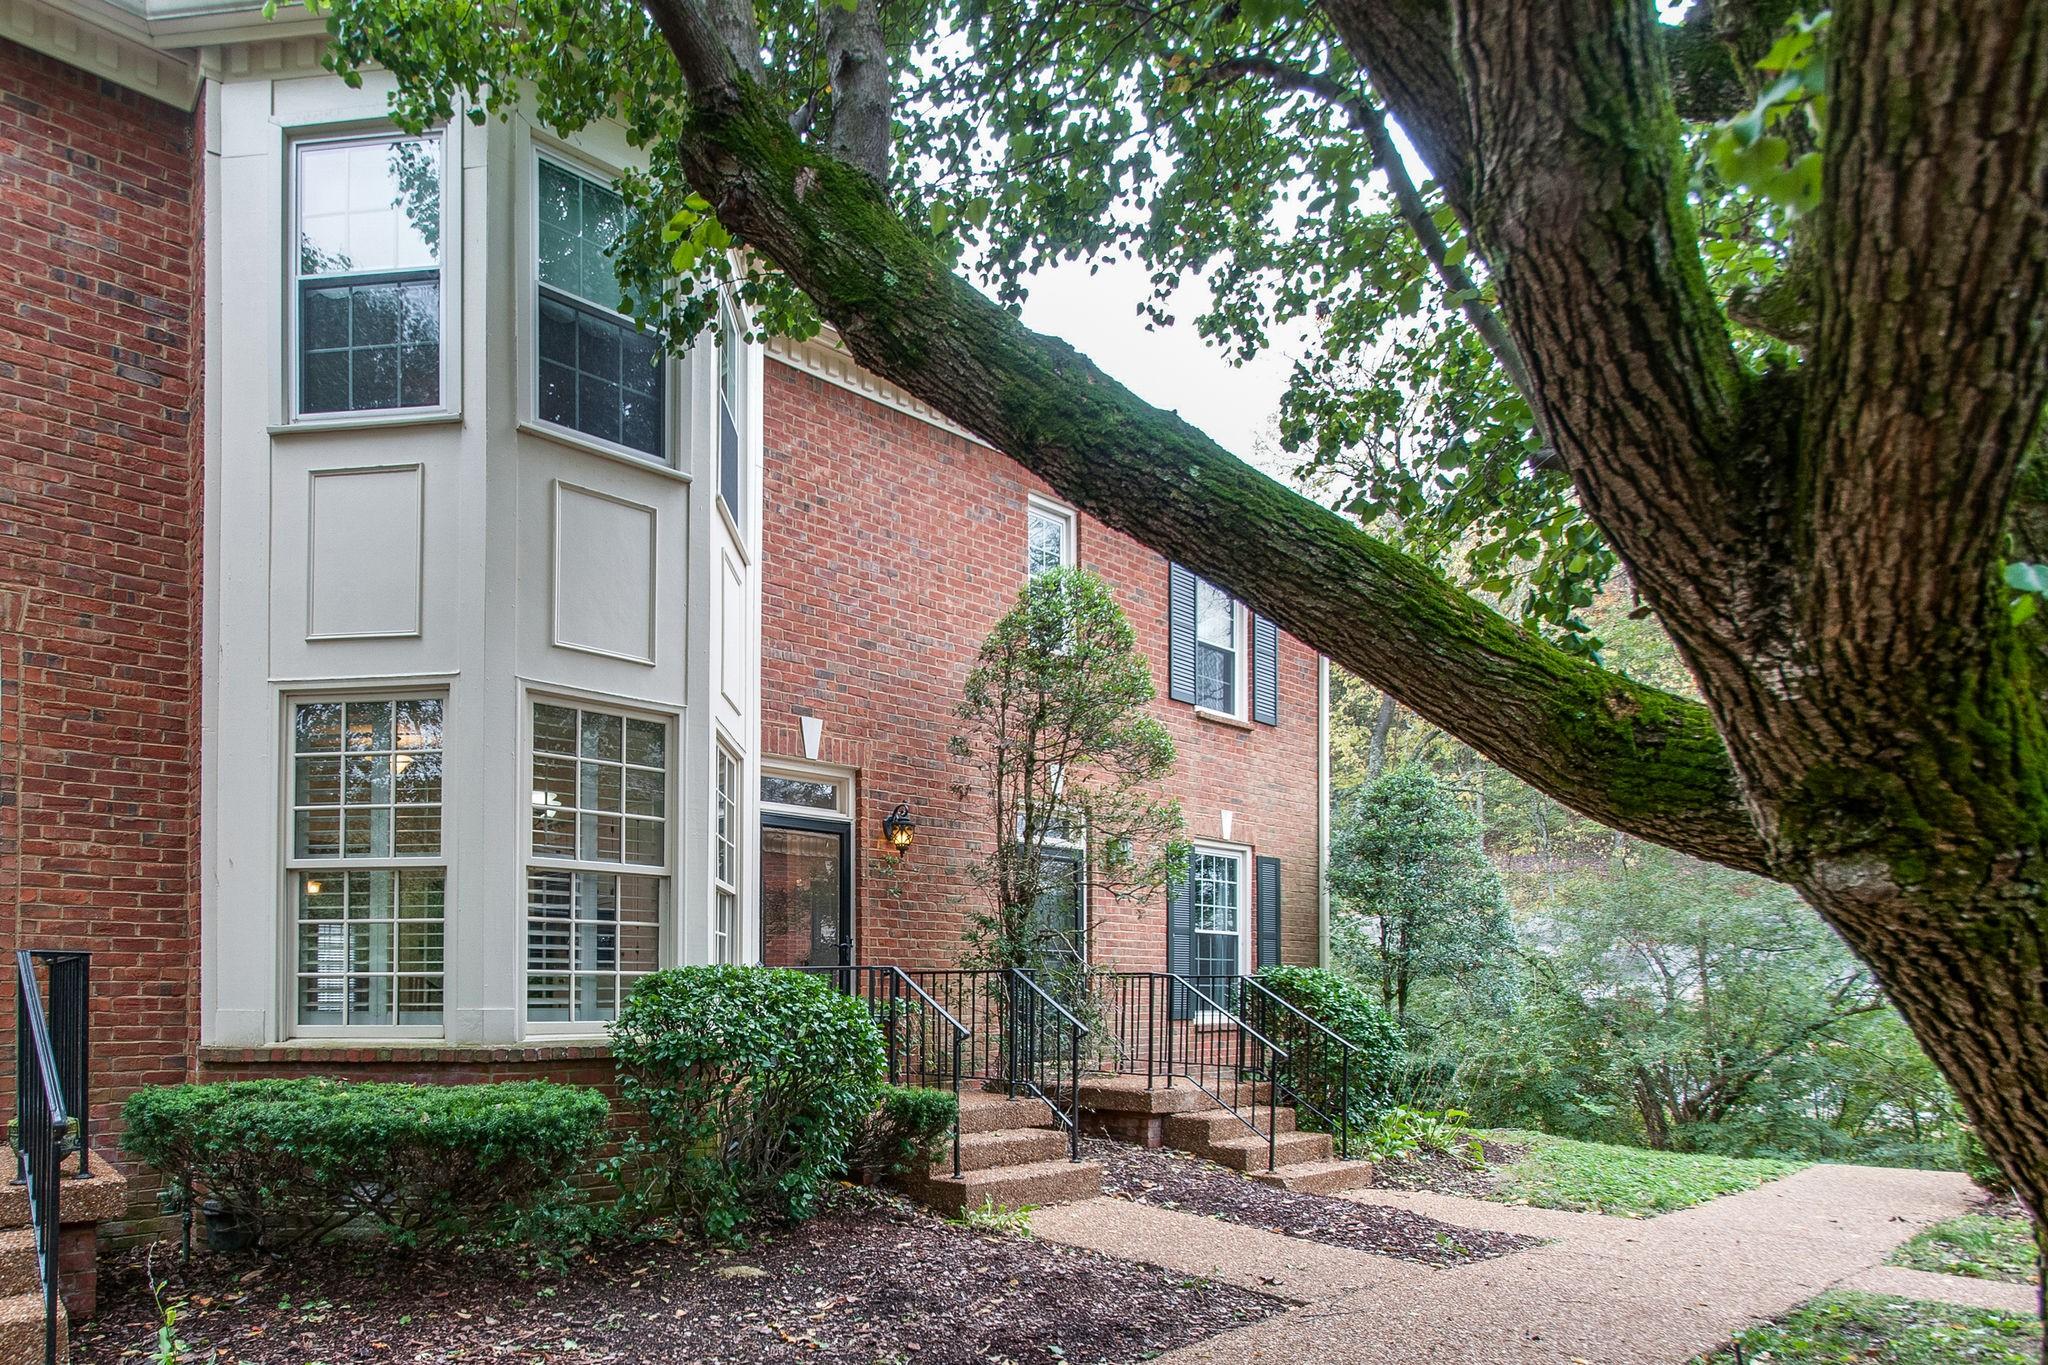 202 Windsor Terrace Dr, Nashville, TN 37221 - Nashville, TN real estate listing